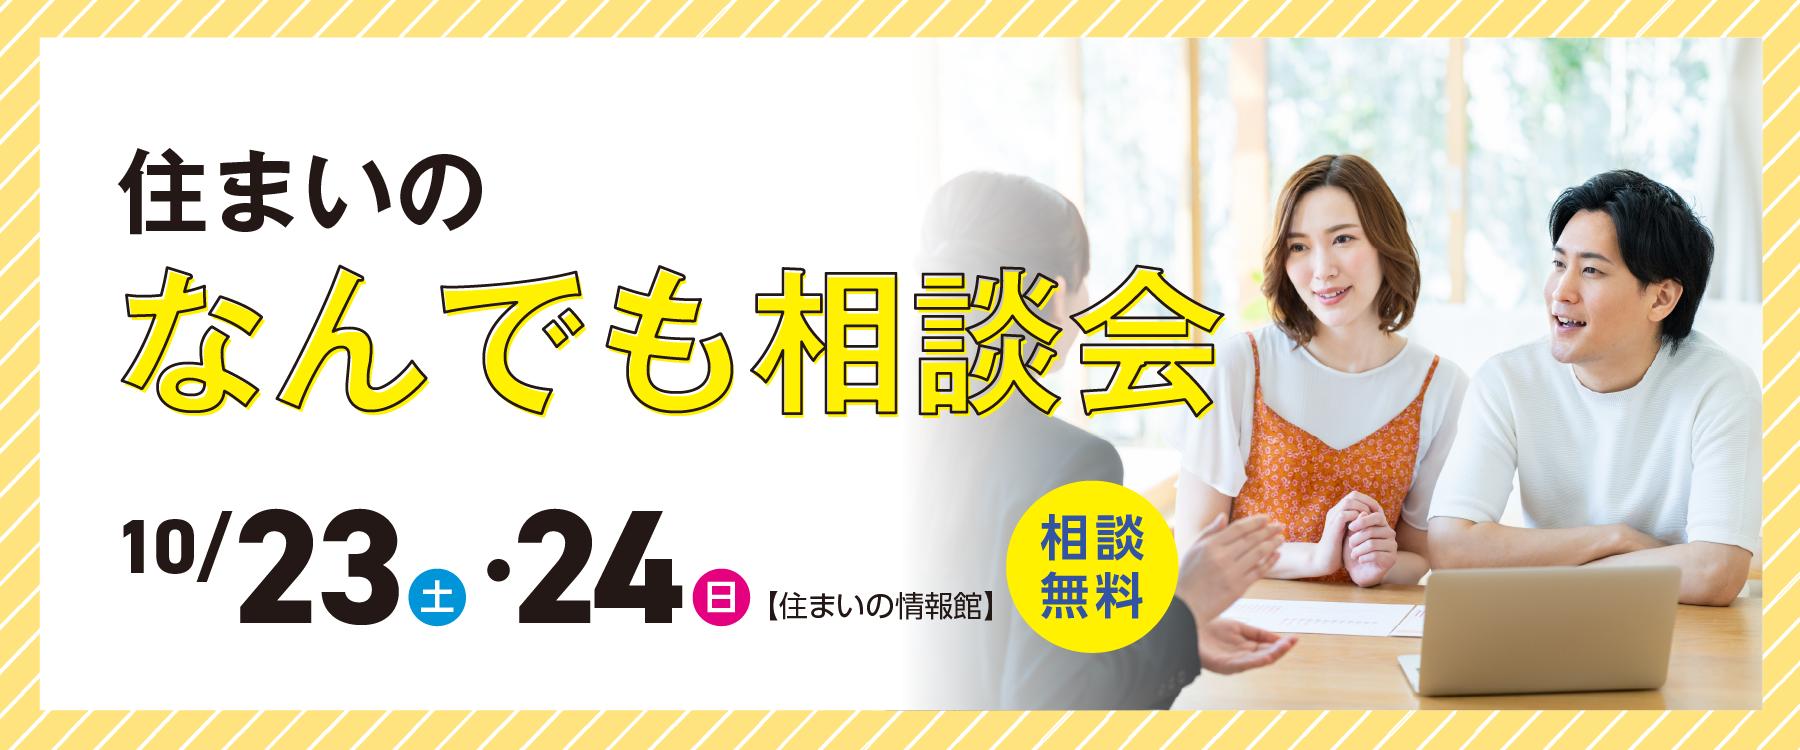 画像:https://www.tys-saela.ne.jp/6383/